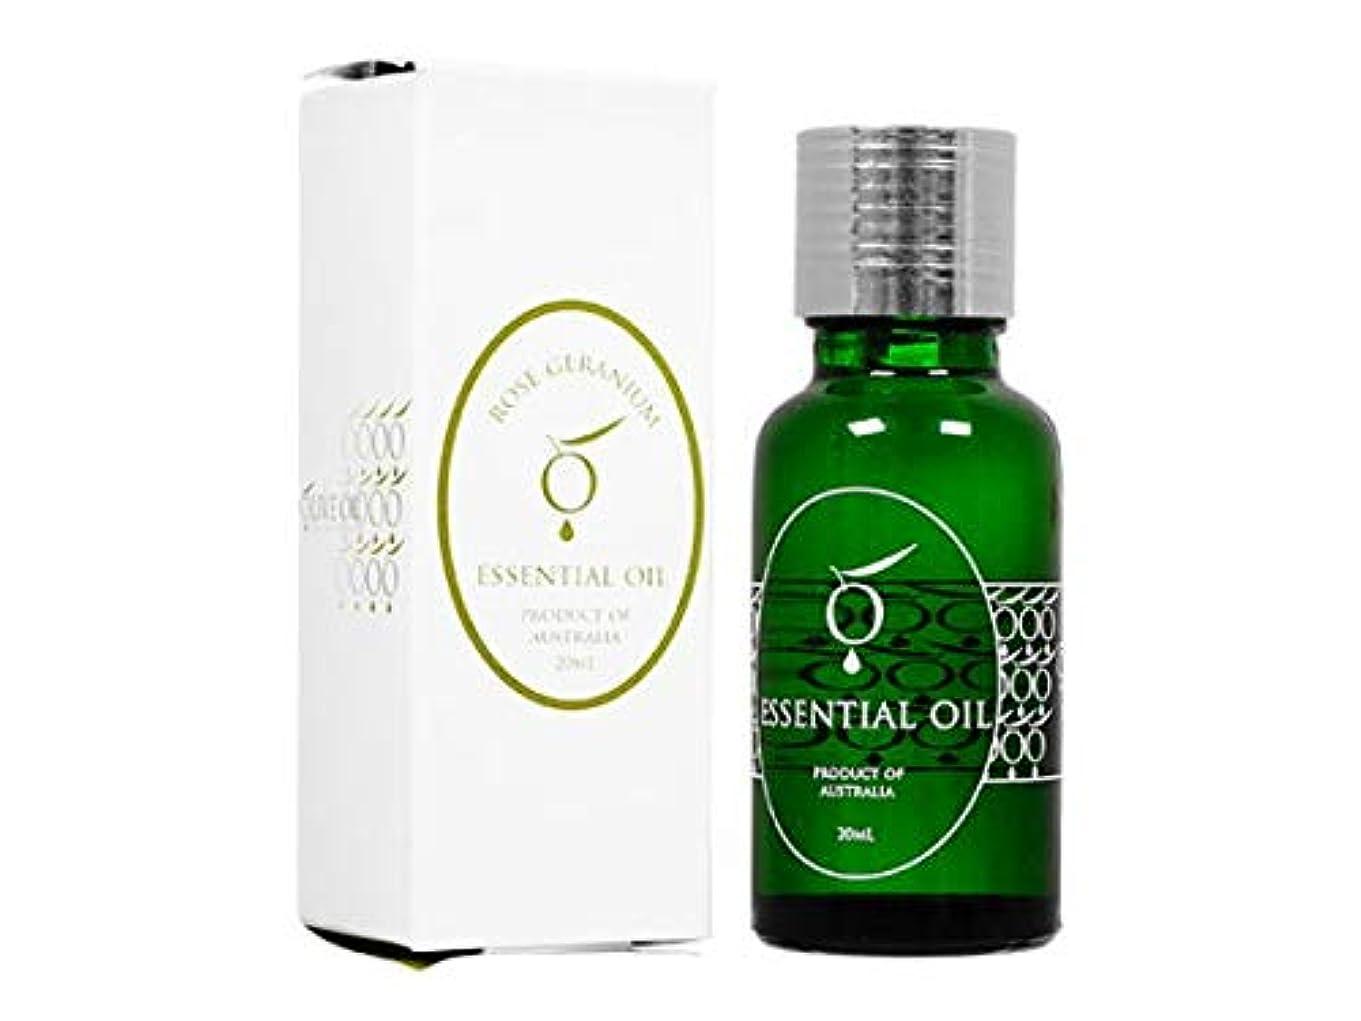 愛情集める任意OliveOil エッセンシャルオイル?ローズゼラニウム20ml (OliveOil) Essential Oil (Rose Geranium) Made in Australia